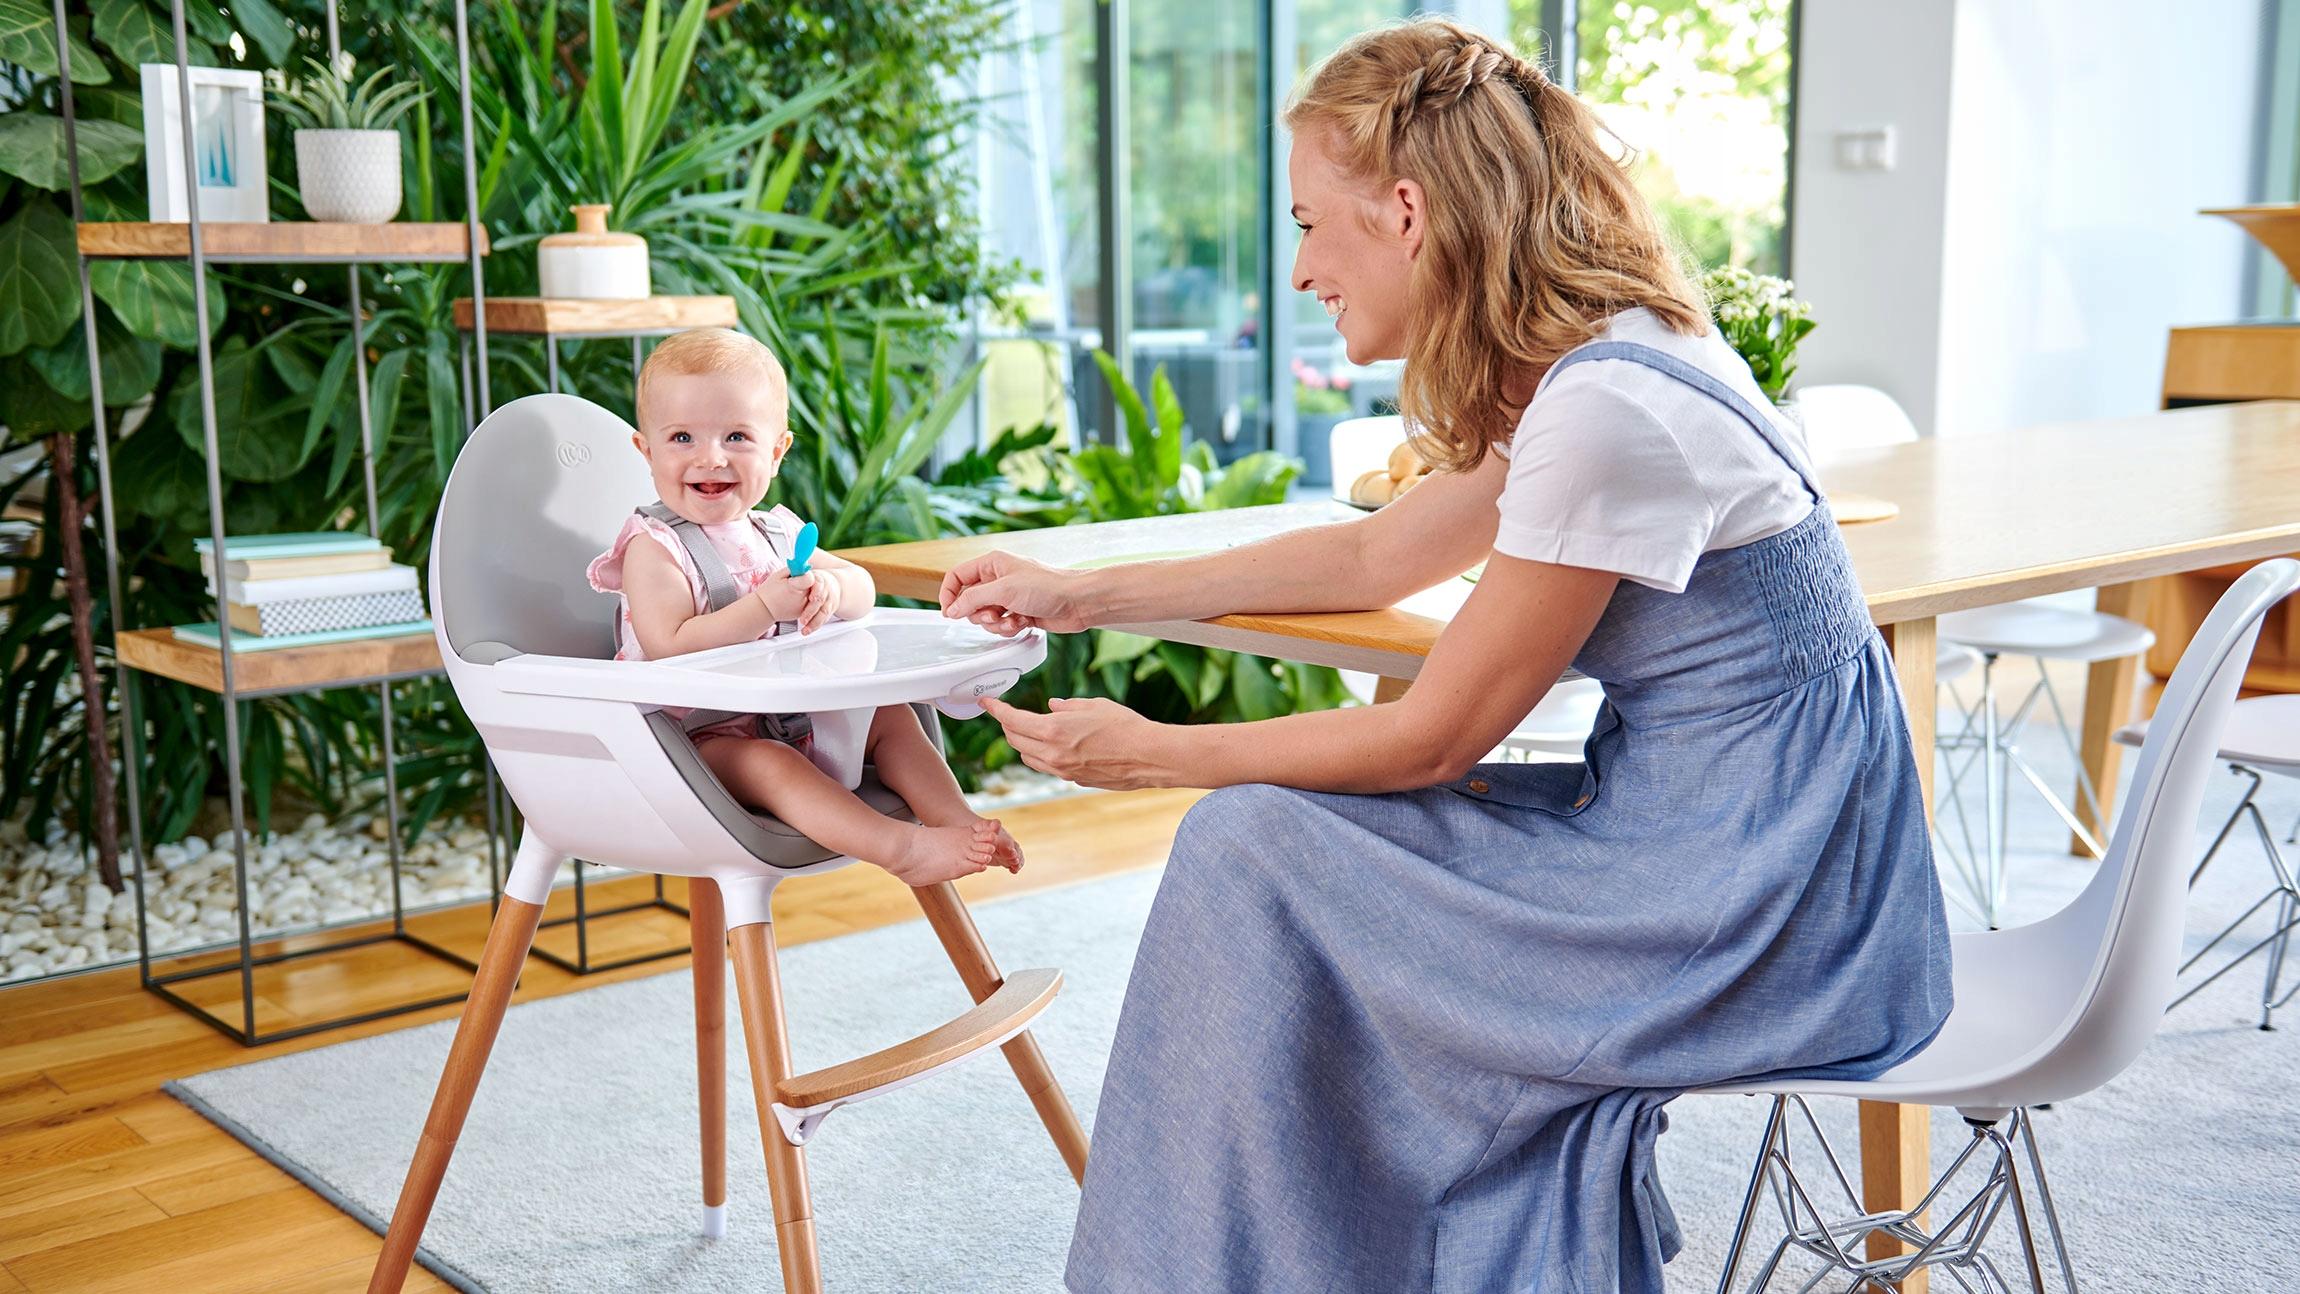 Кресло-качалка Детский стульчик Kinderkraft Дополнительная информация Нескользящие ножки Ремни безопасности Регулировка высоты Съемный чехол Съемная столешница